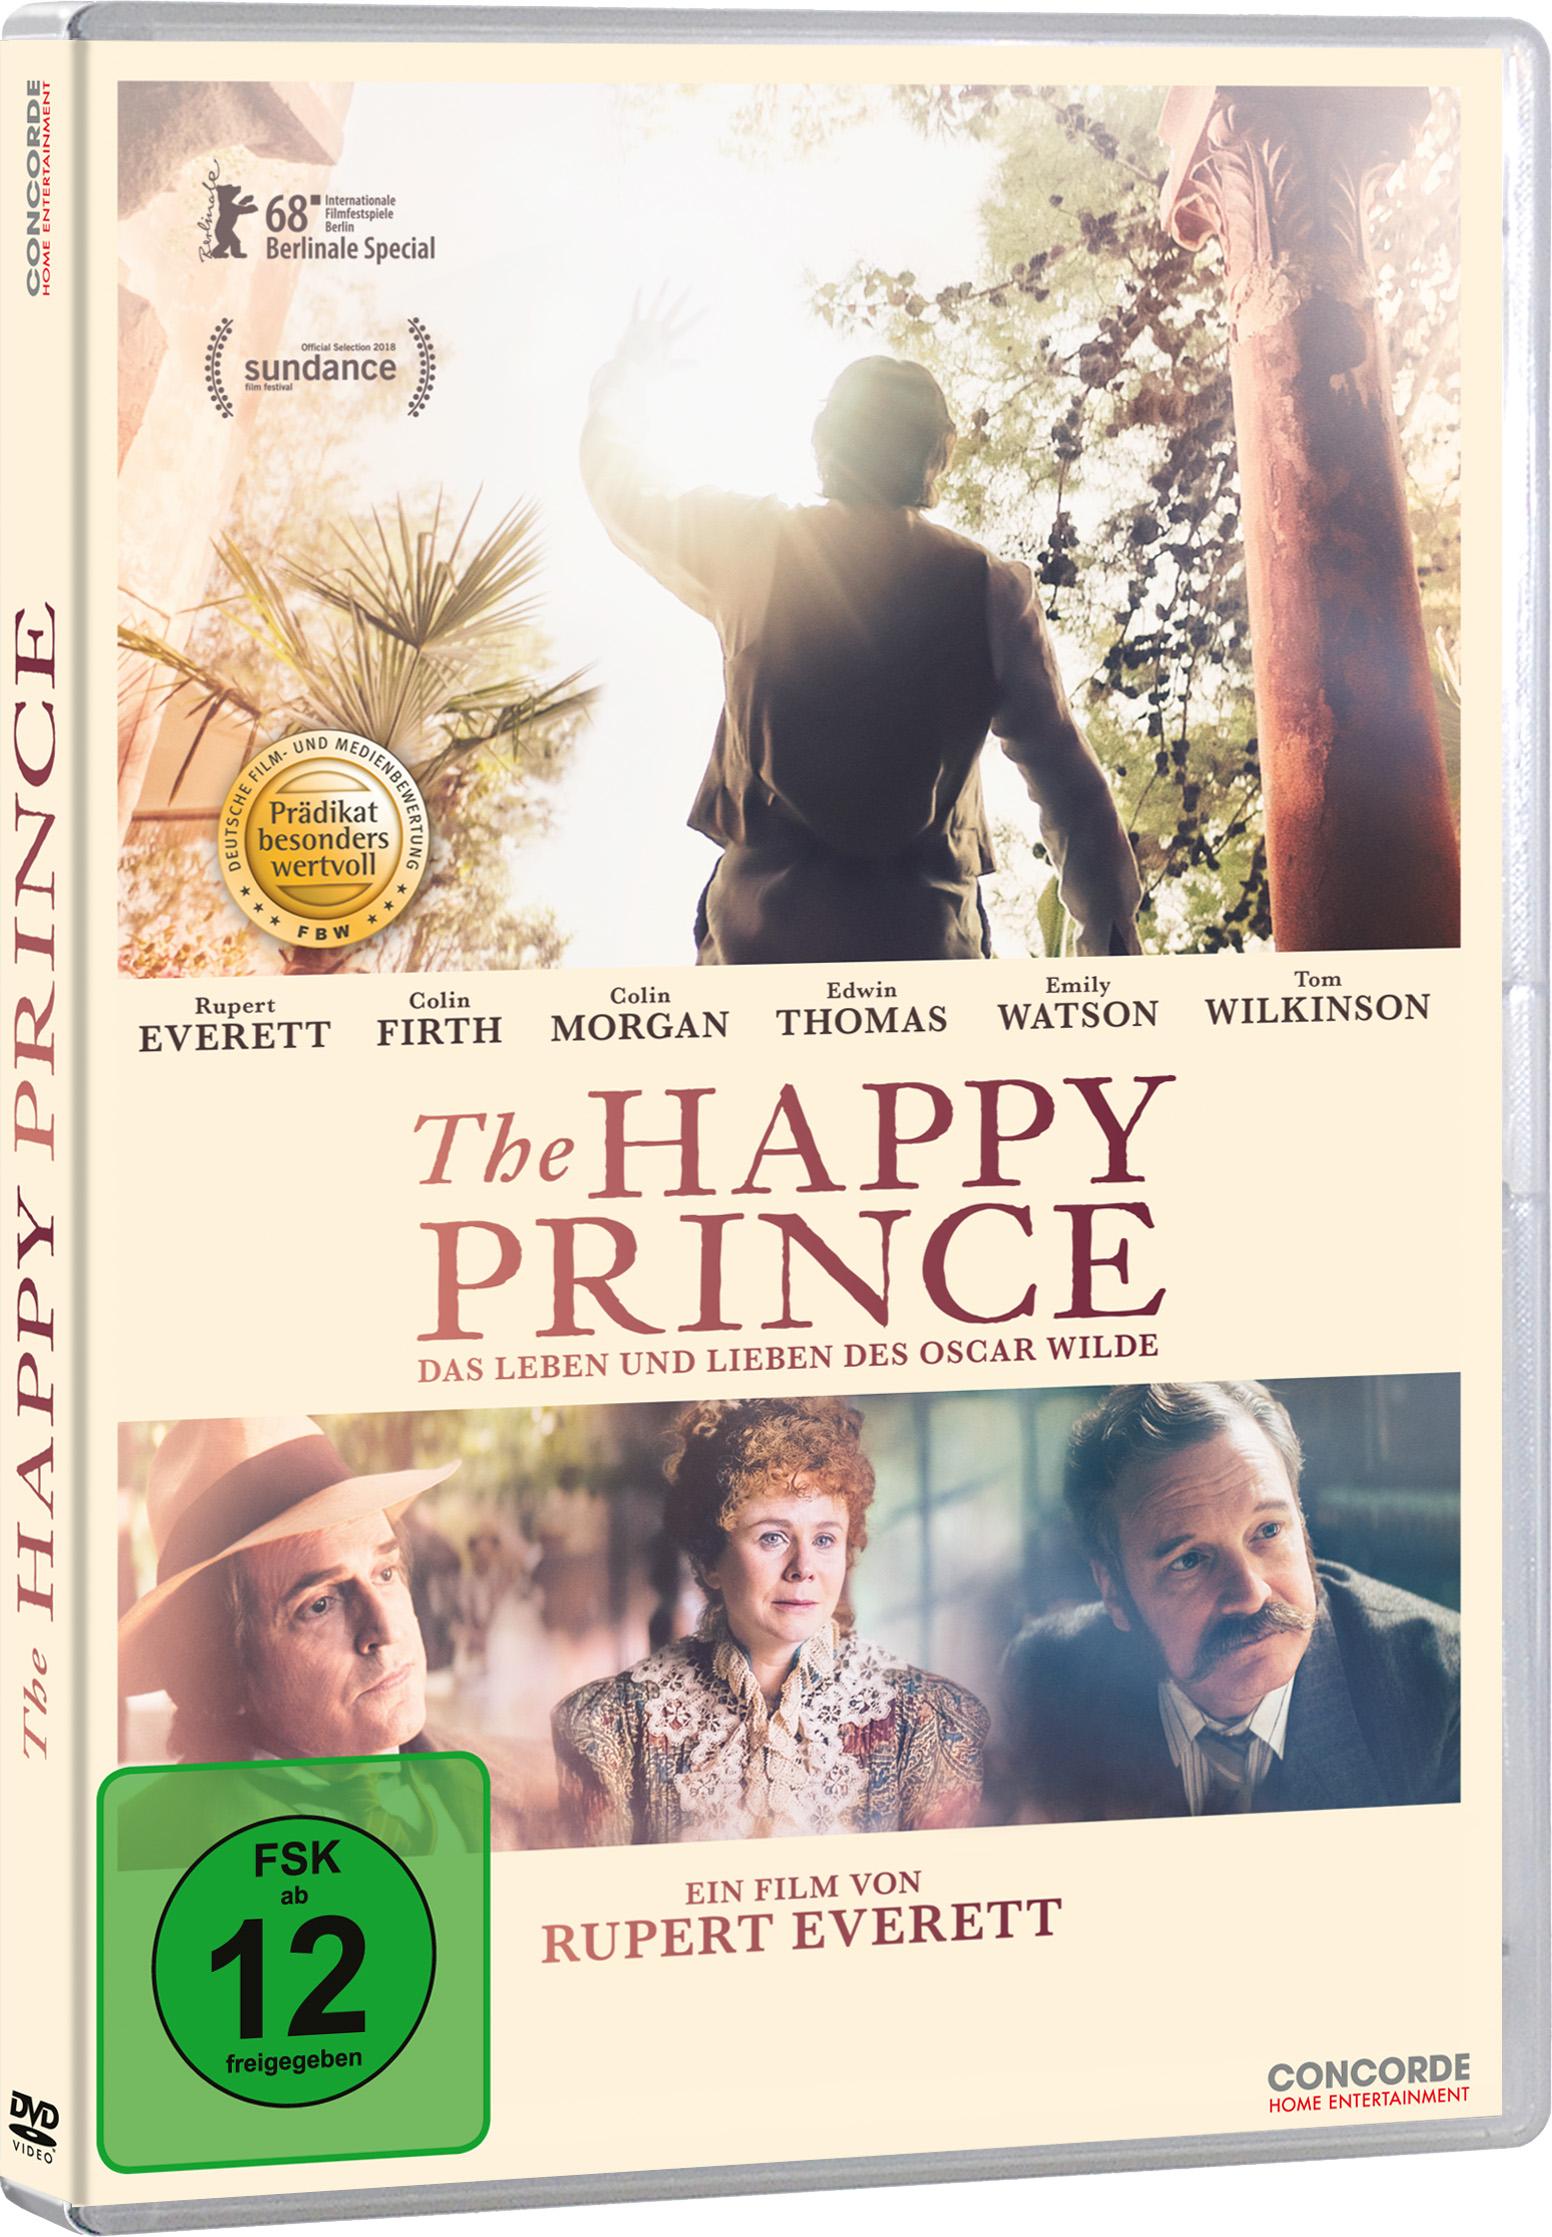 """Unser Preisausschreiben zum DVD-Release von """"The Happy Prince"""""""